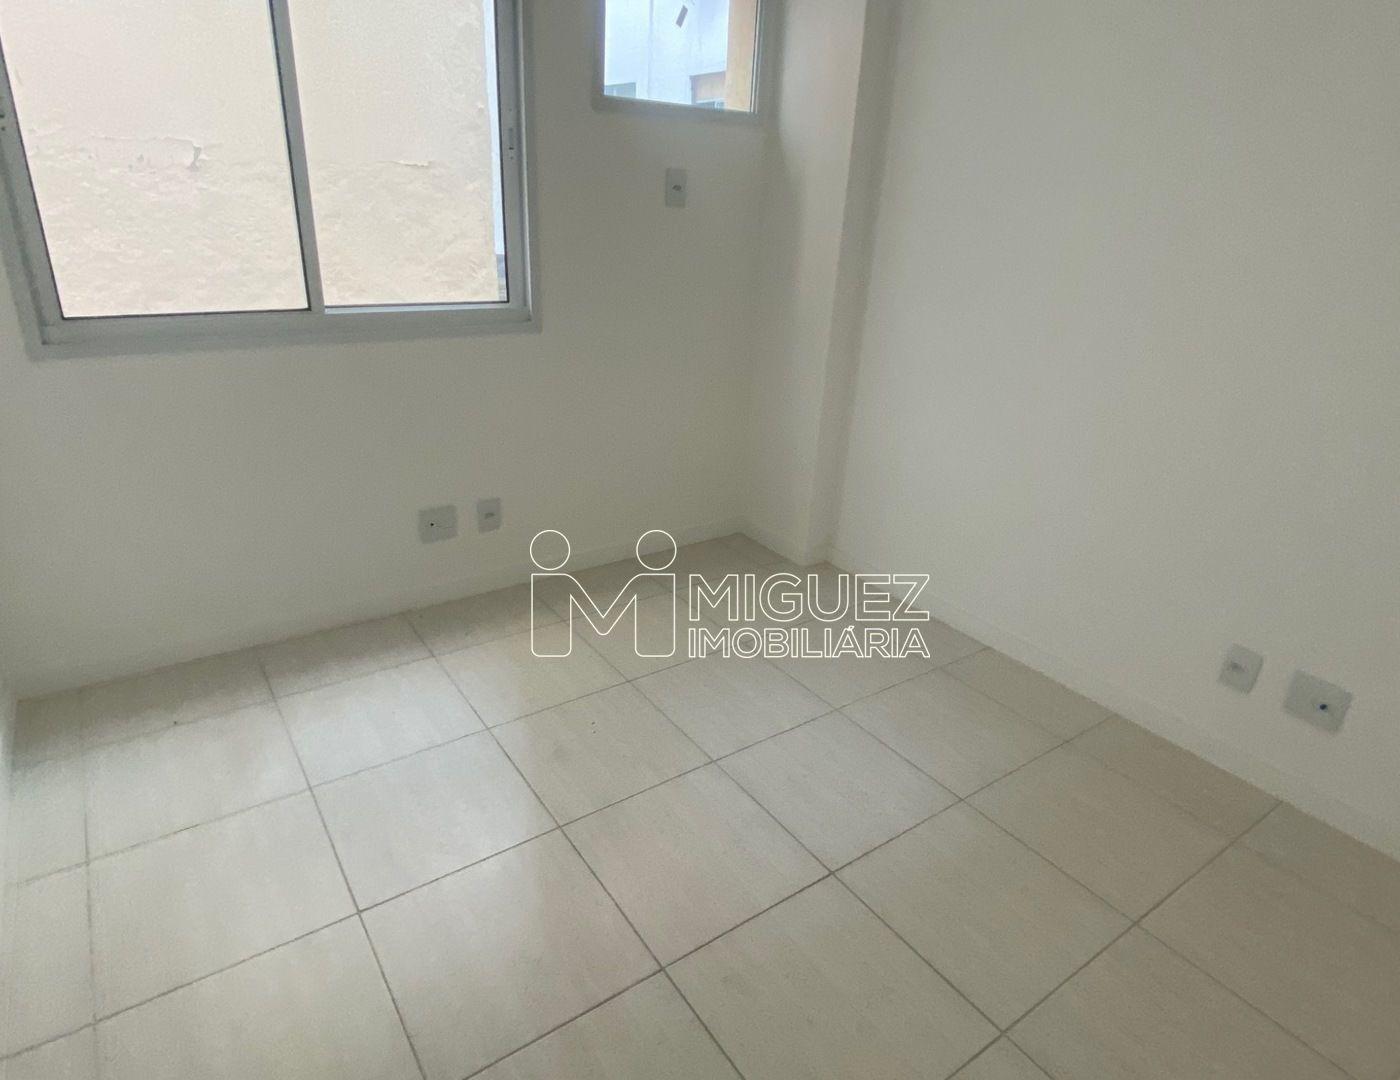 Apartamento, venda, Rua Maria Amália - Tijuca , Rio de janeiro